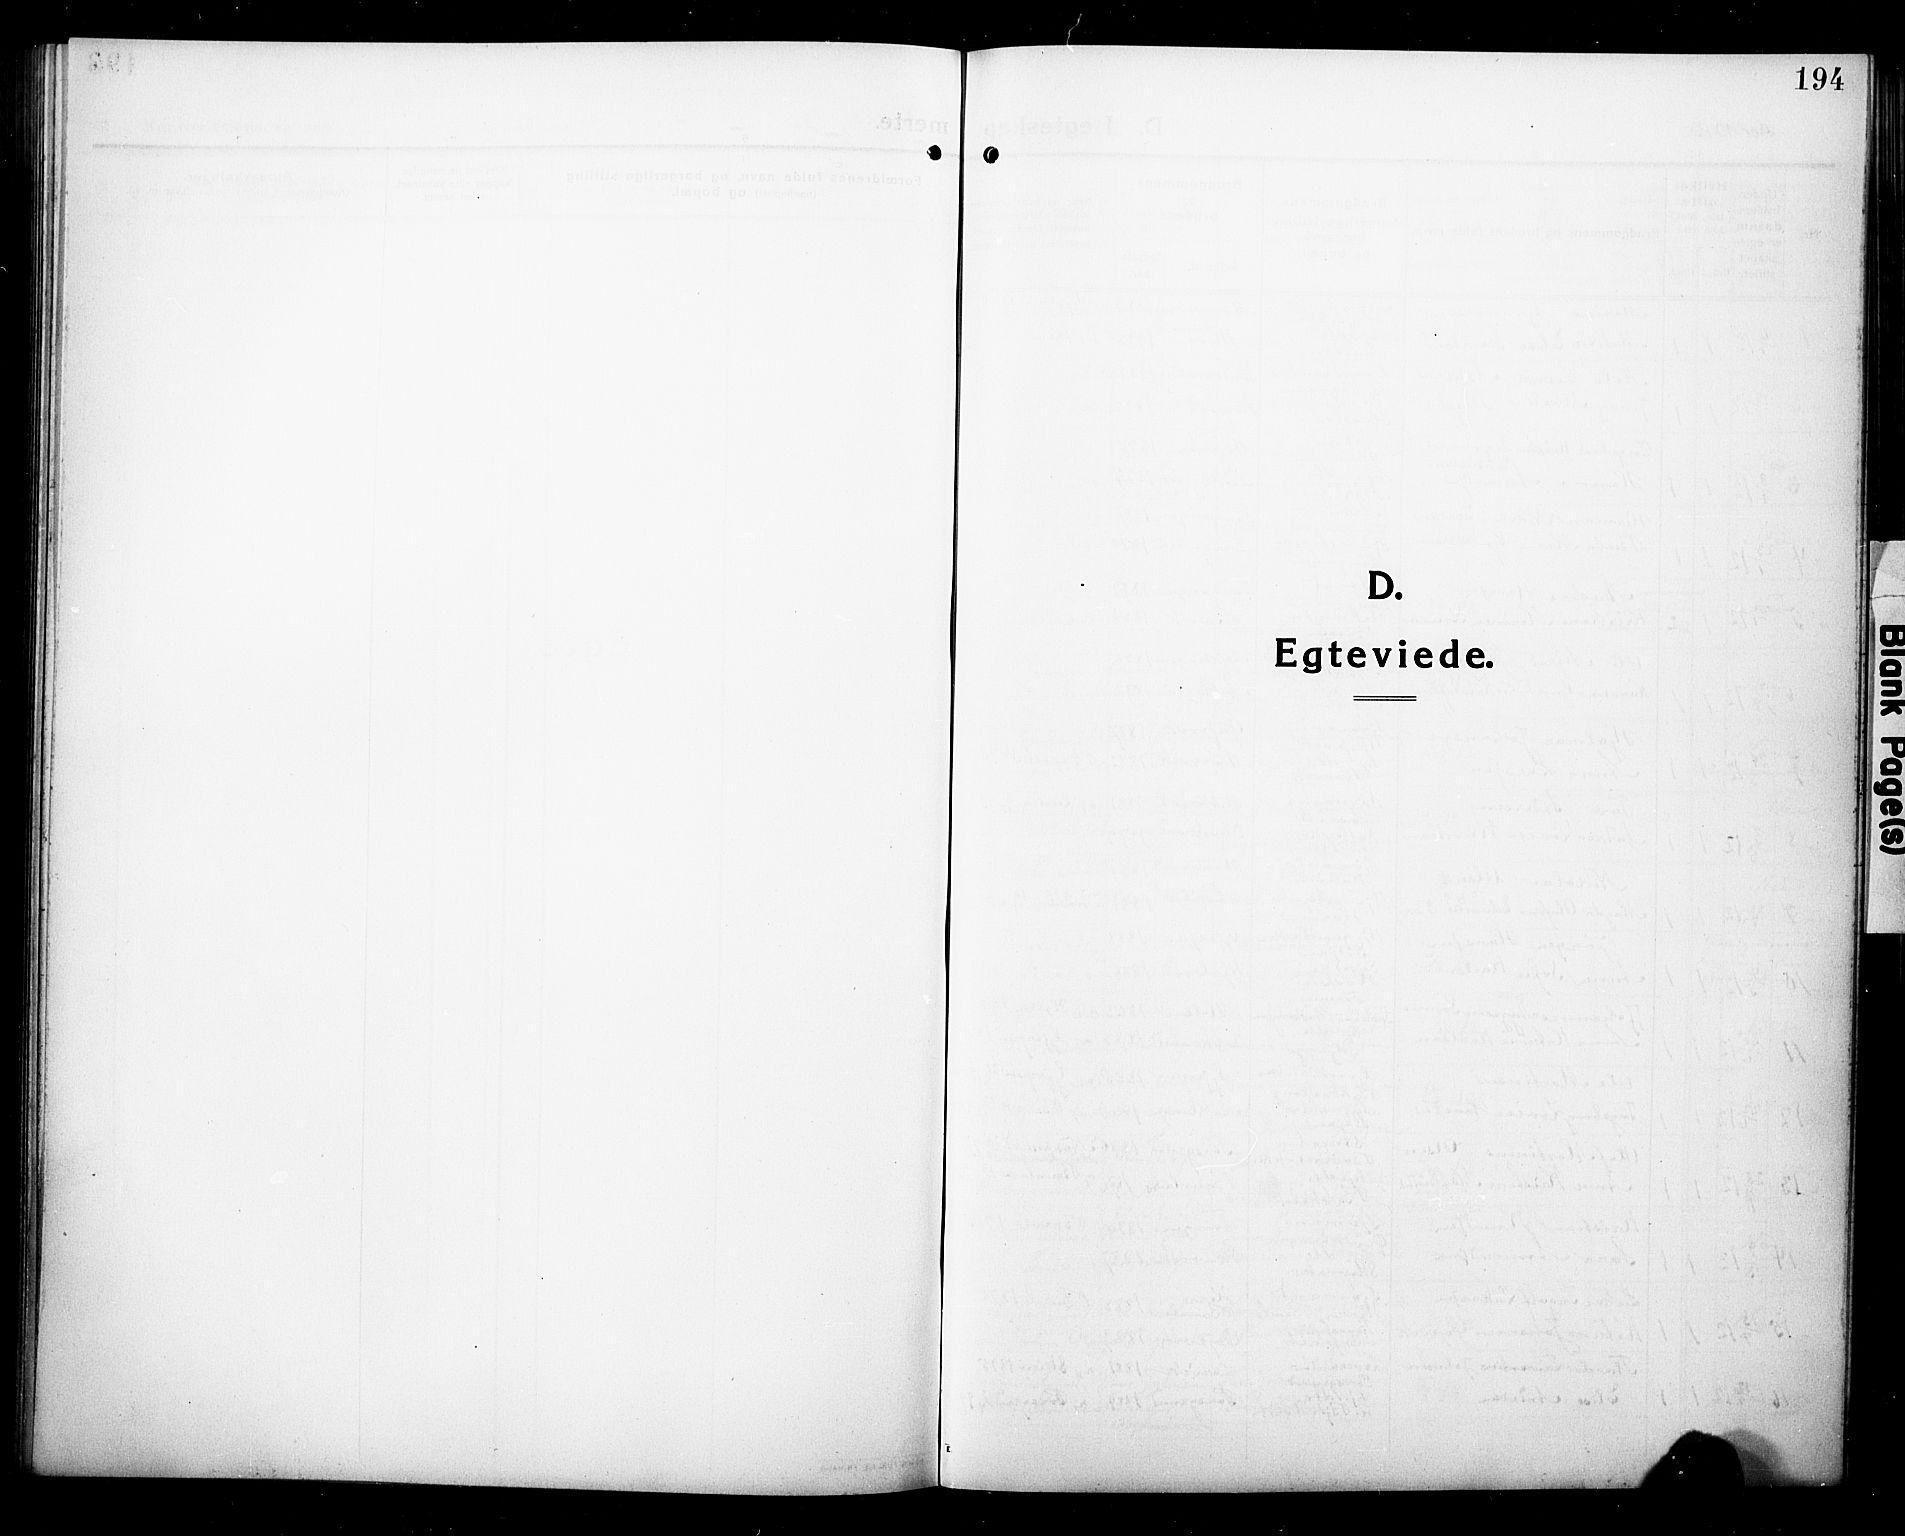 SAKO, Eidanger kirkebøker, G/Ga/L0004: Klokkerbok nr. 4, 1912-1927, s. 194